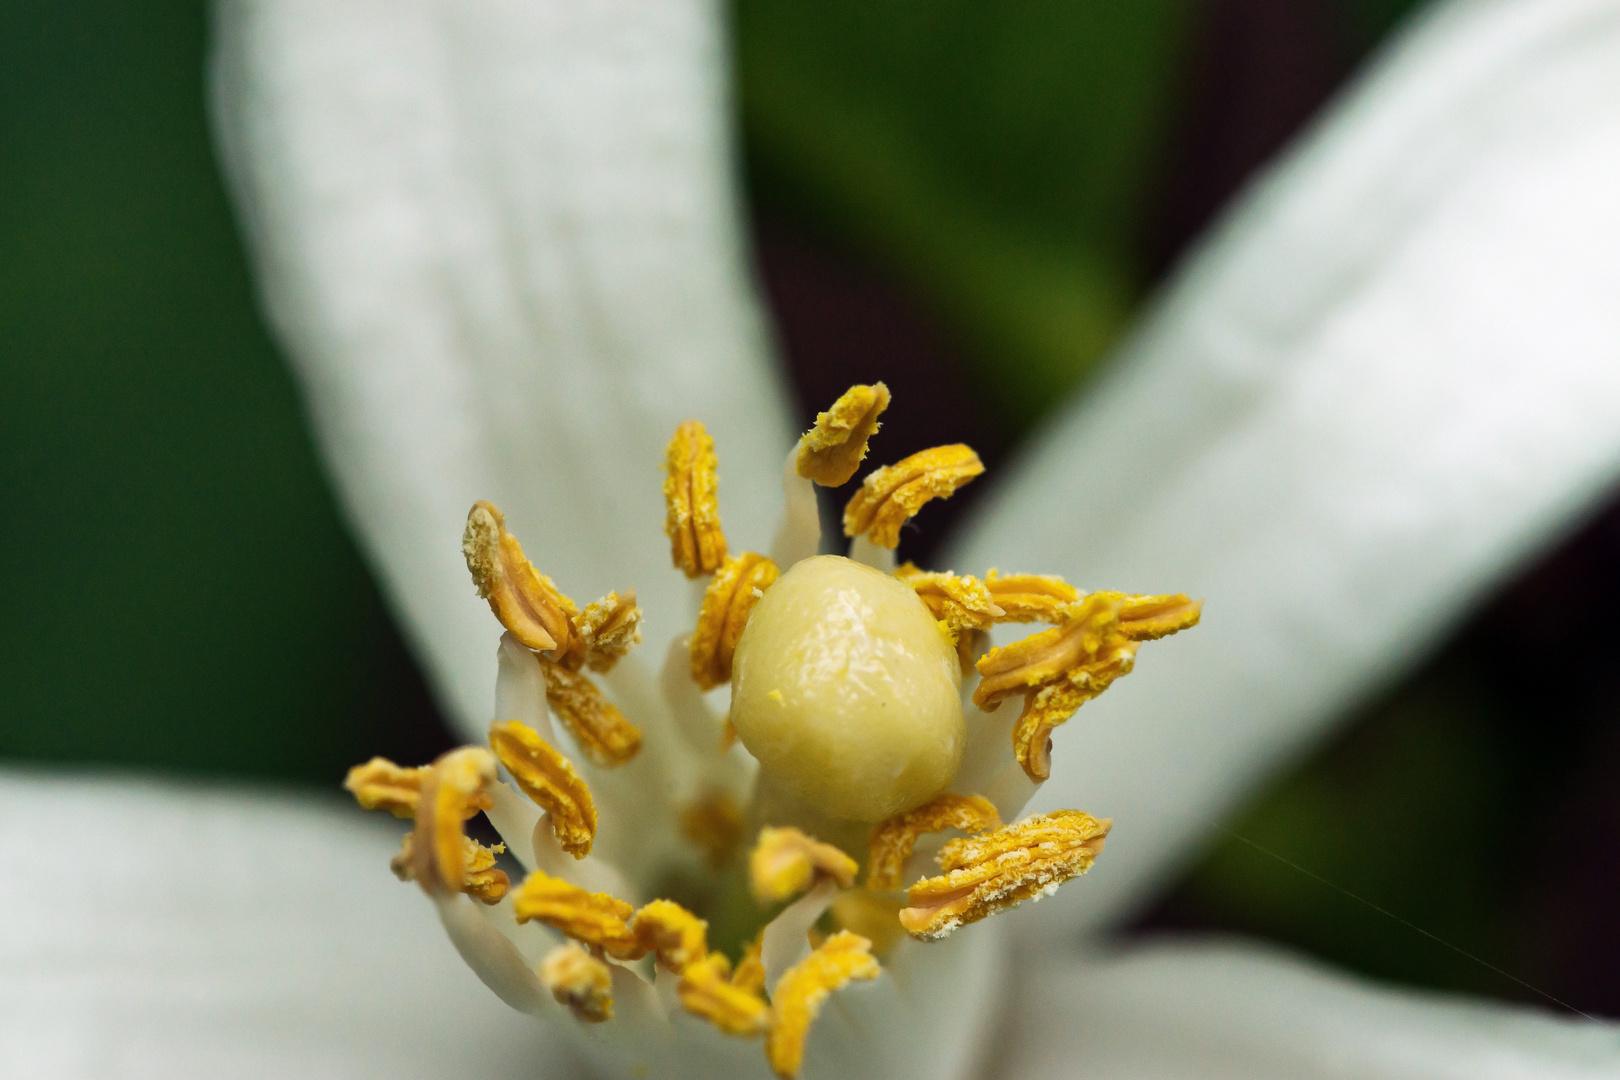 Zitronenblüten-Makro